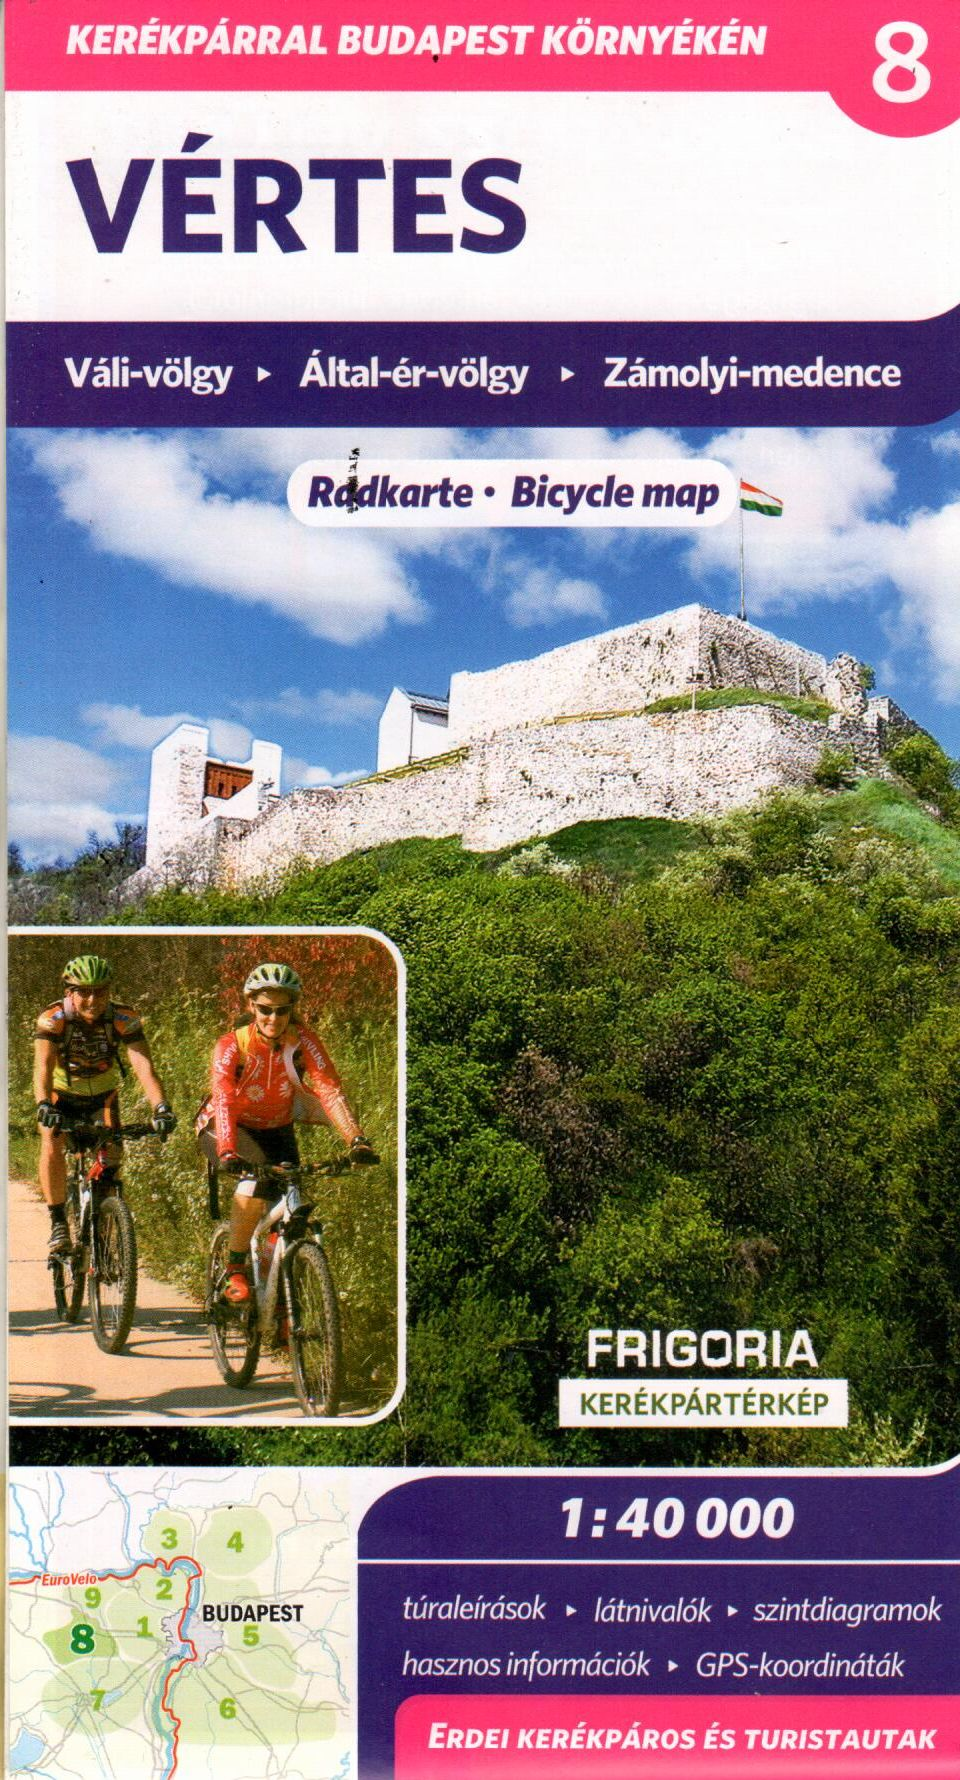 Vértes és környéke biciklis térkép túraútvonalak ajánlásával, magassági grafikonokkal, fényképekkel